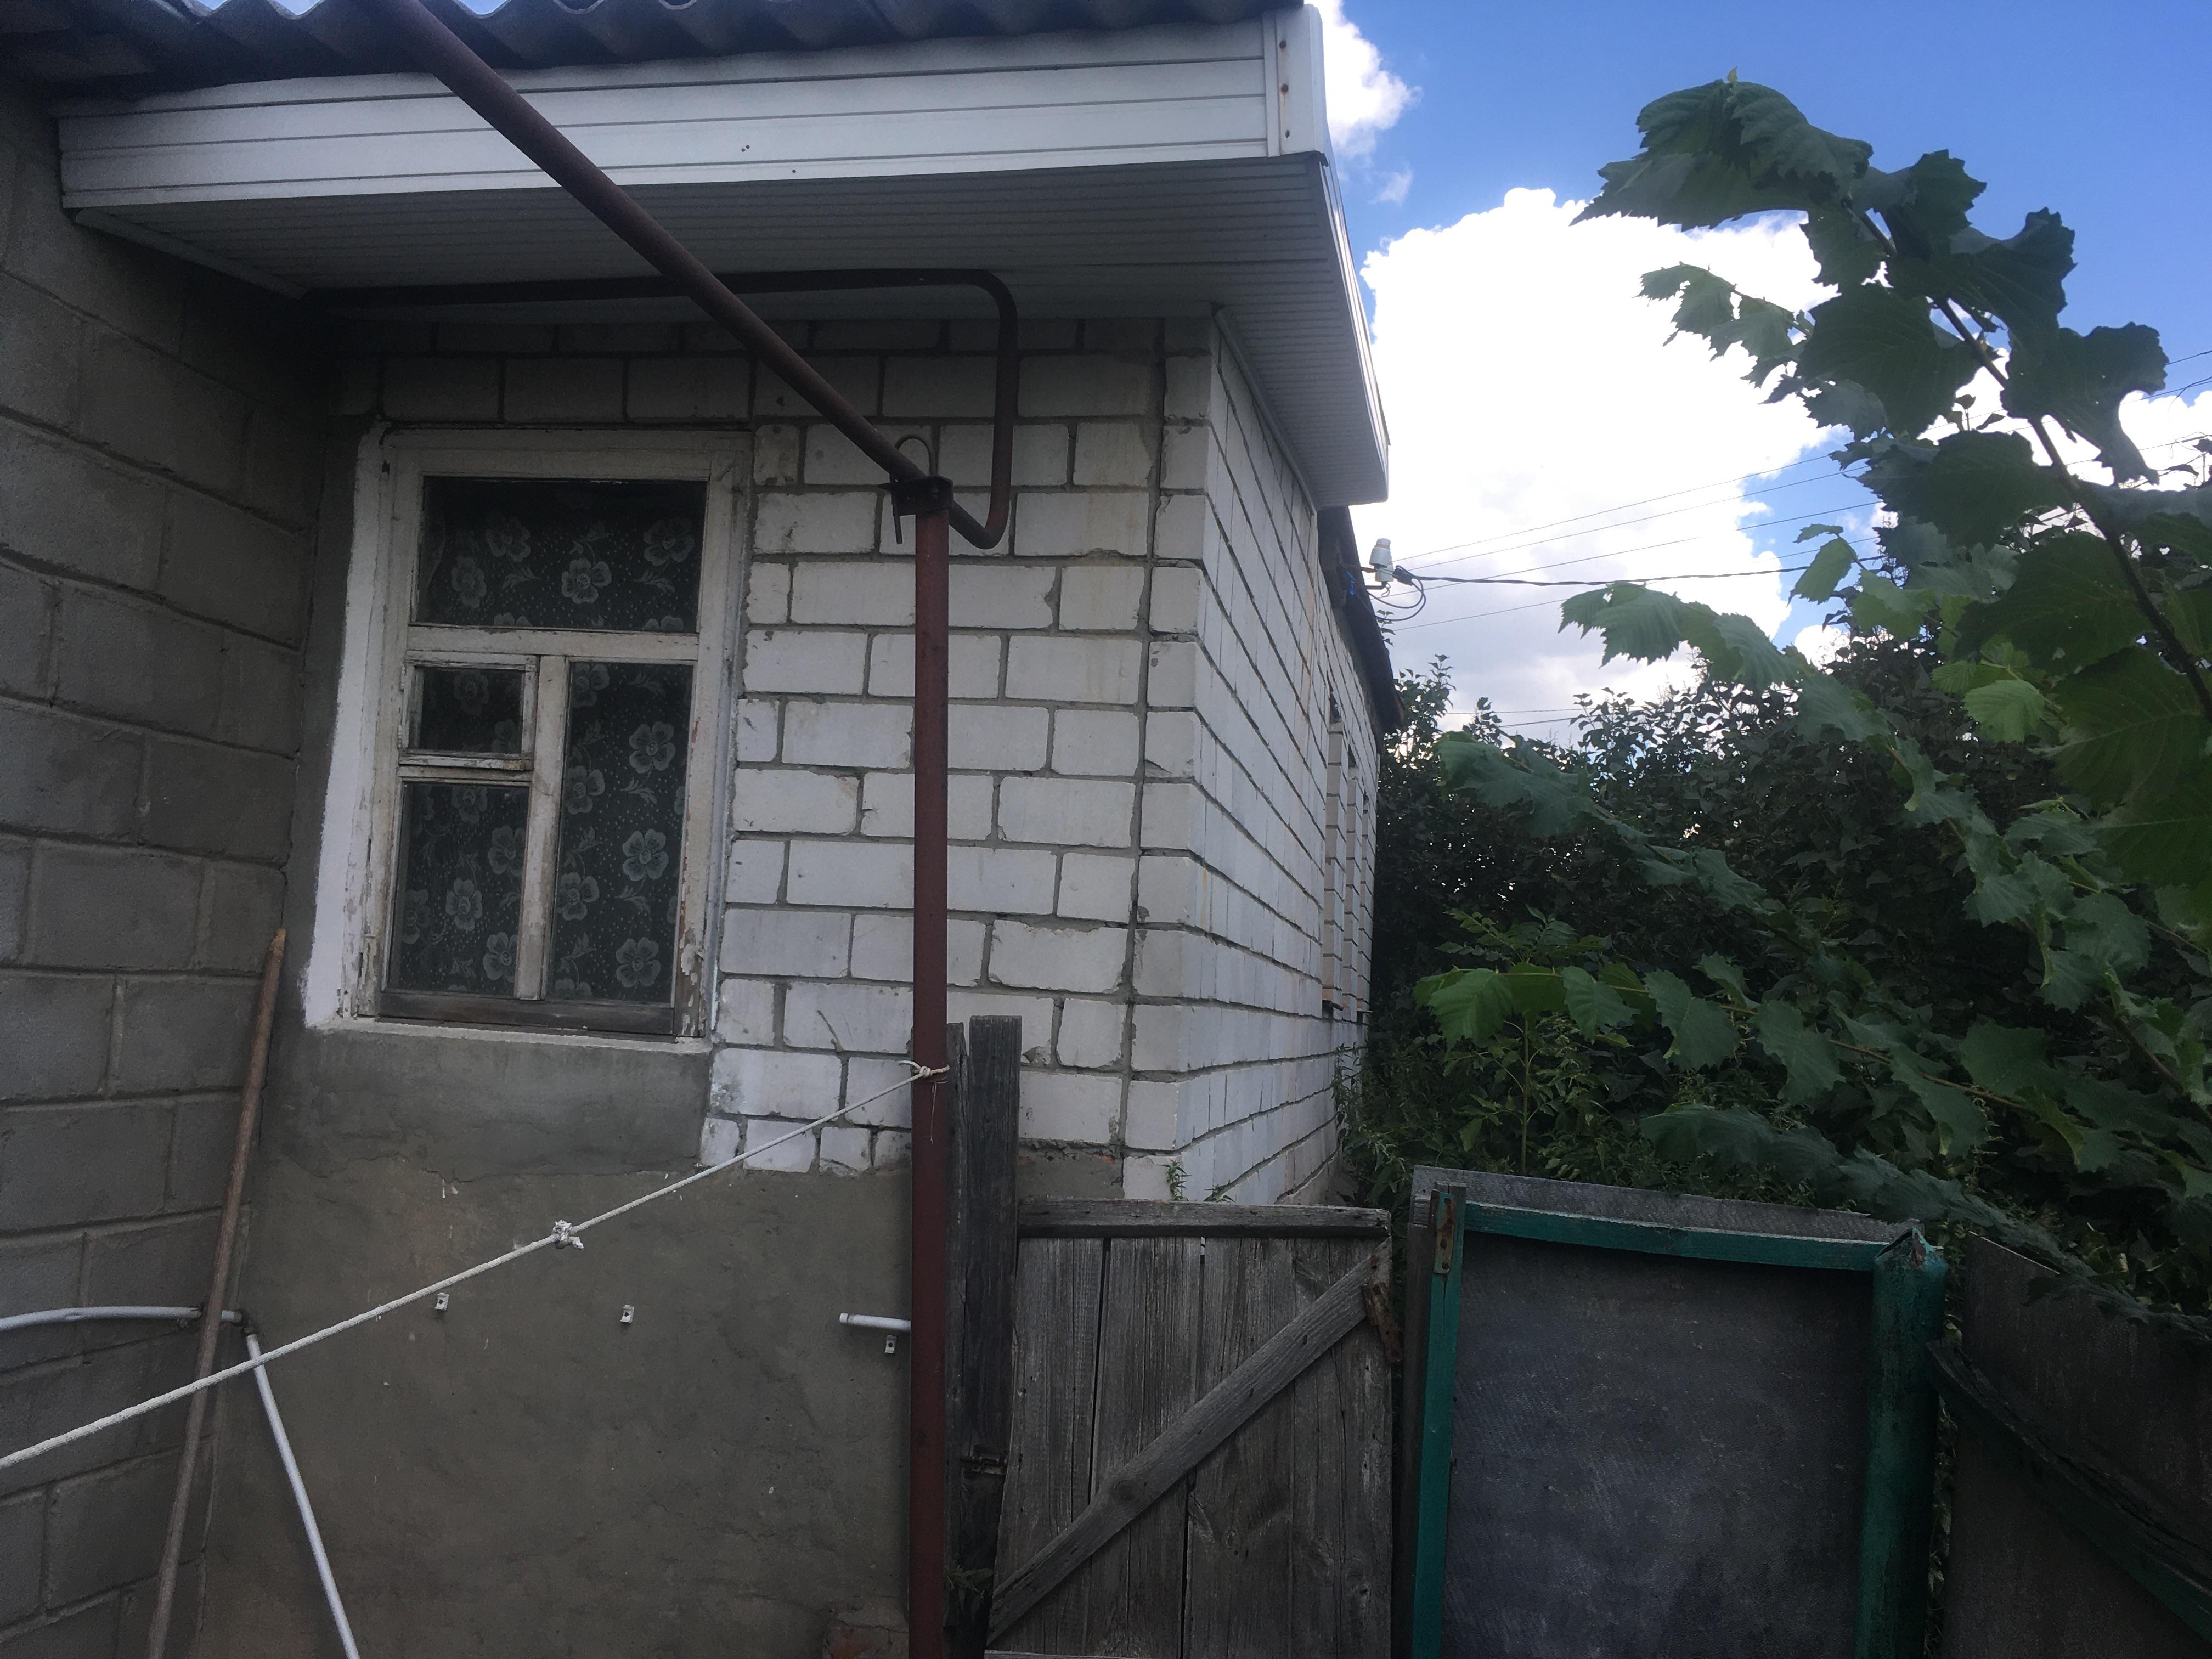 Верхняя Медведица, ул. Советская, 112, дом кирпичный с участком 25 сот. на продажу